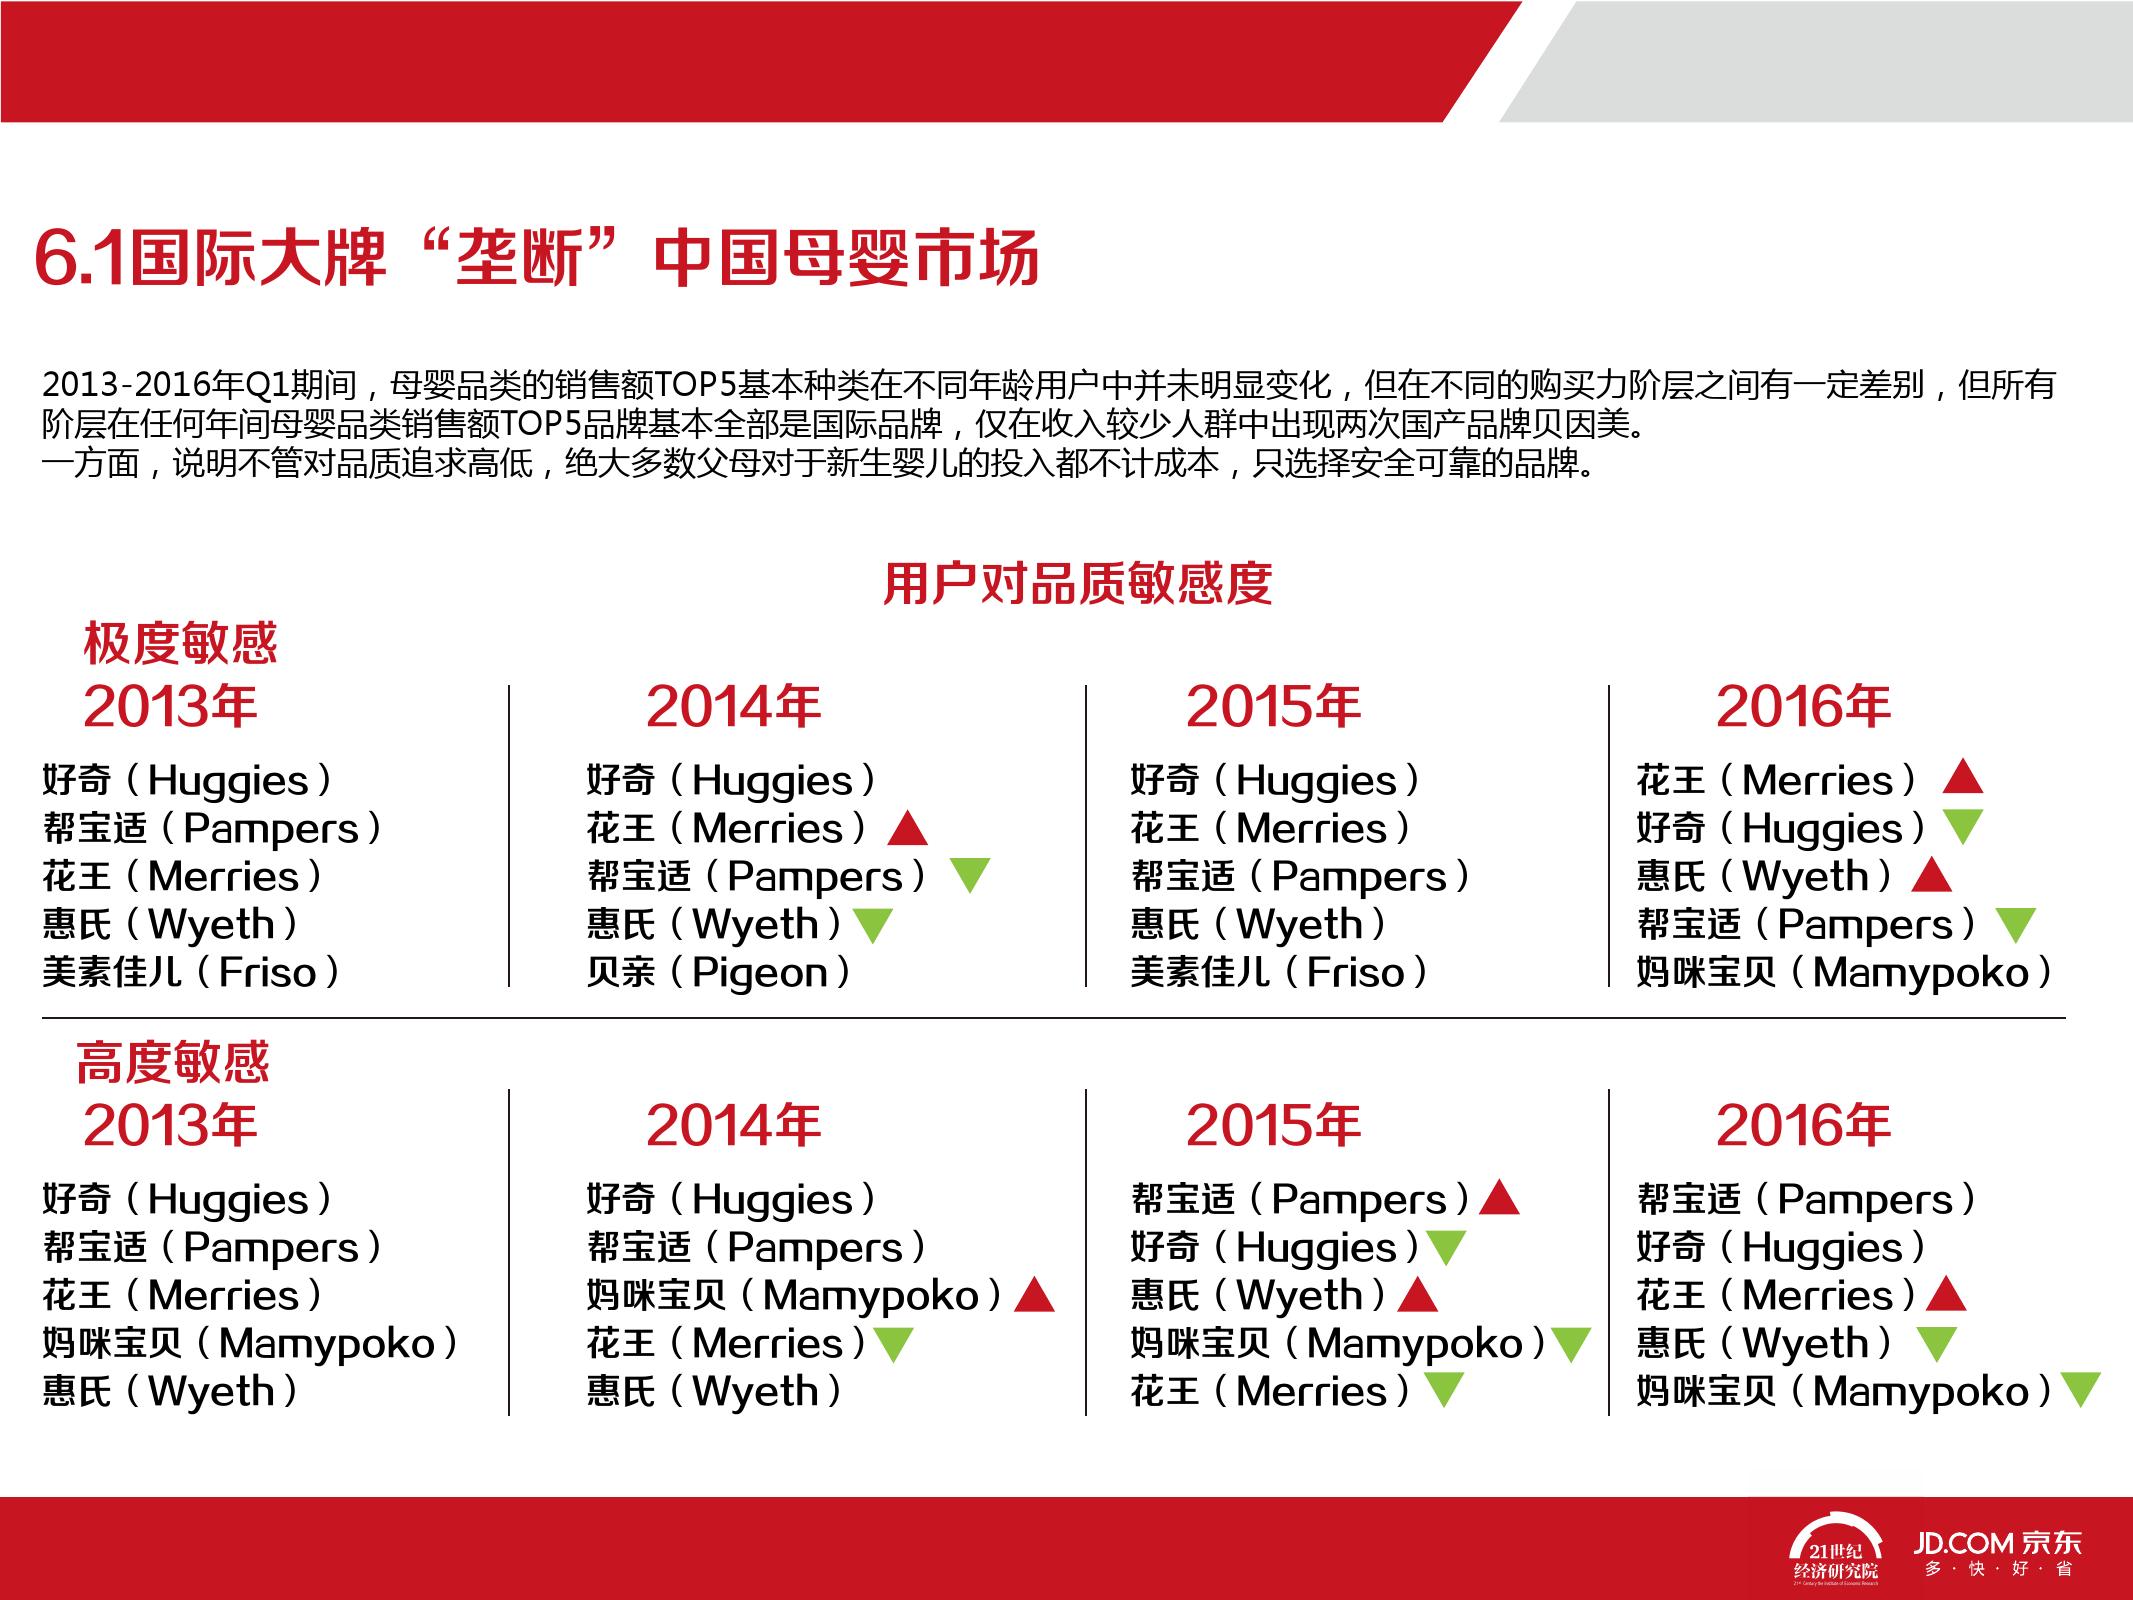 2016中国母婴产品消费趋势报告_000064